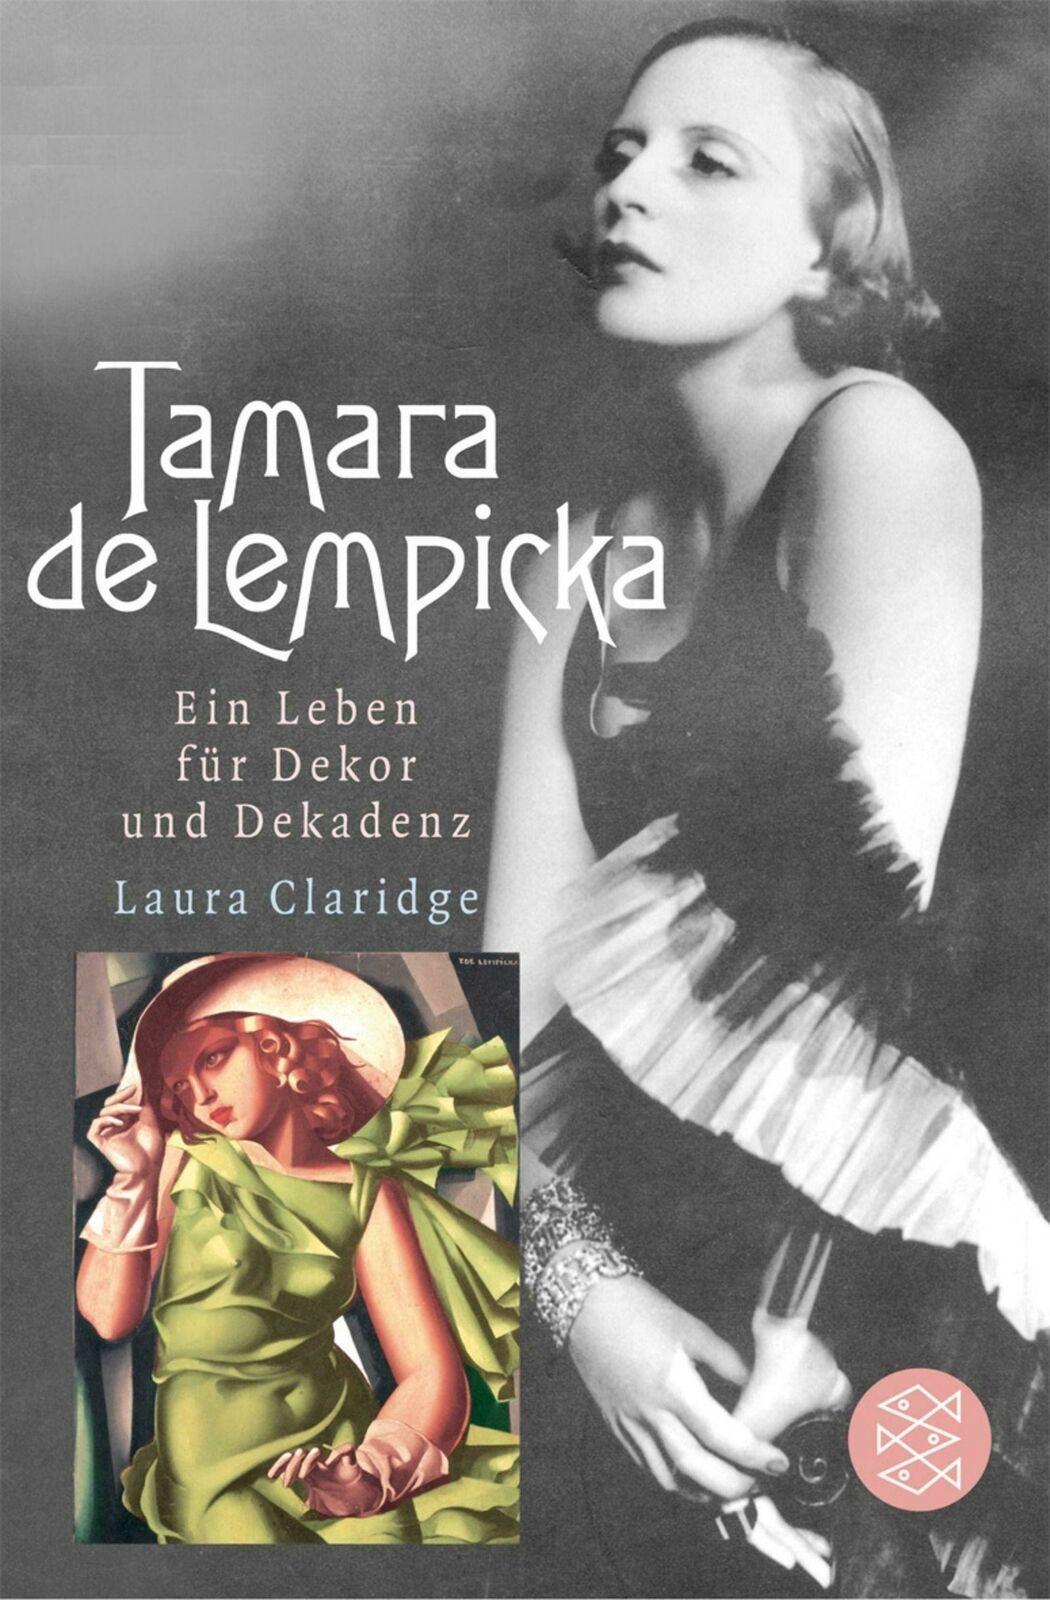 Tamara de Lempicka Ein Leben für Dekor und Dekadenz Laura Claridge Taschenbuch - Laura Claridge